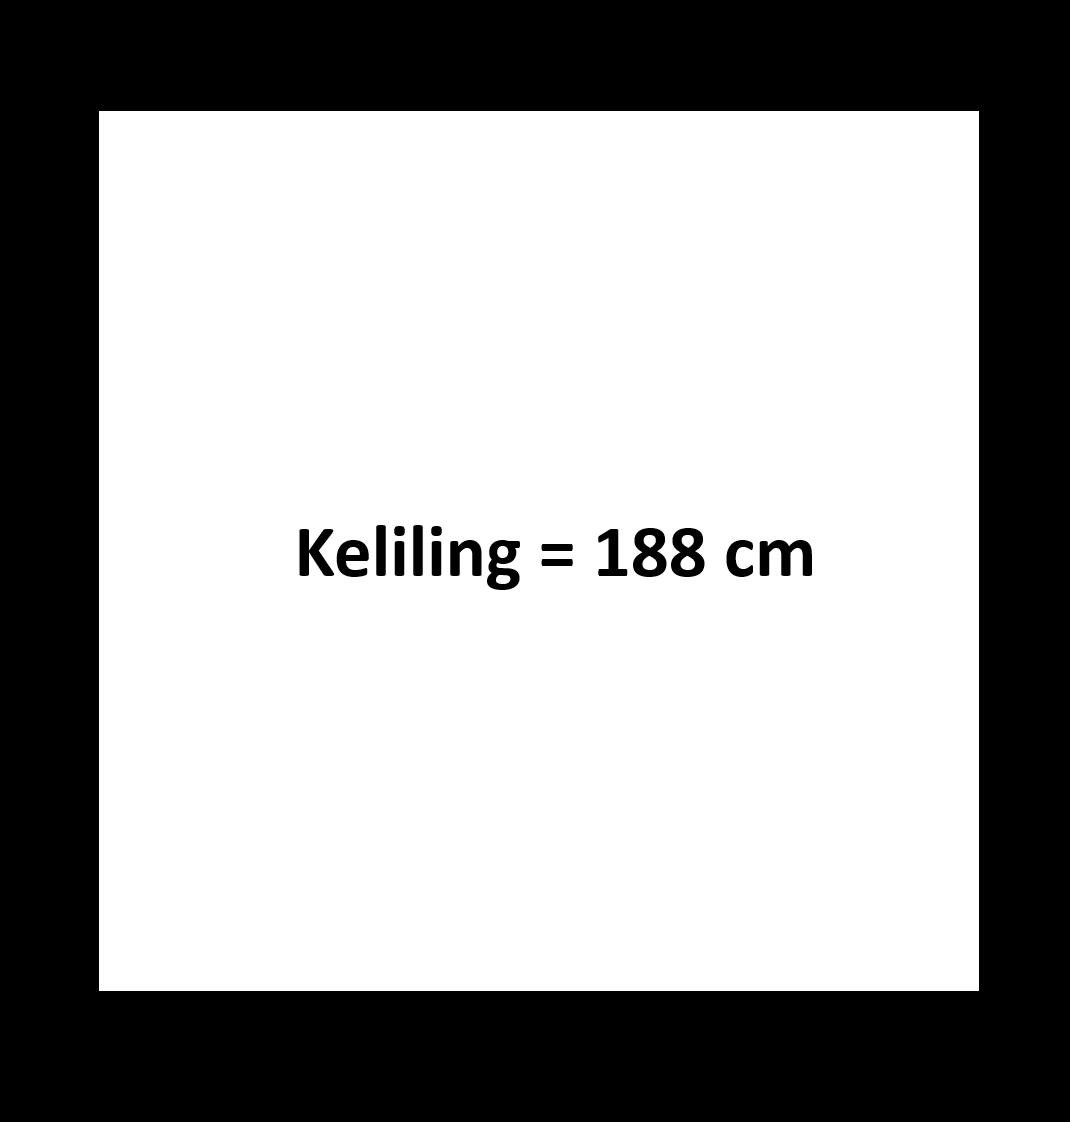 Gambar keliling persegi 188 cm